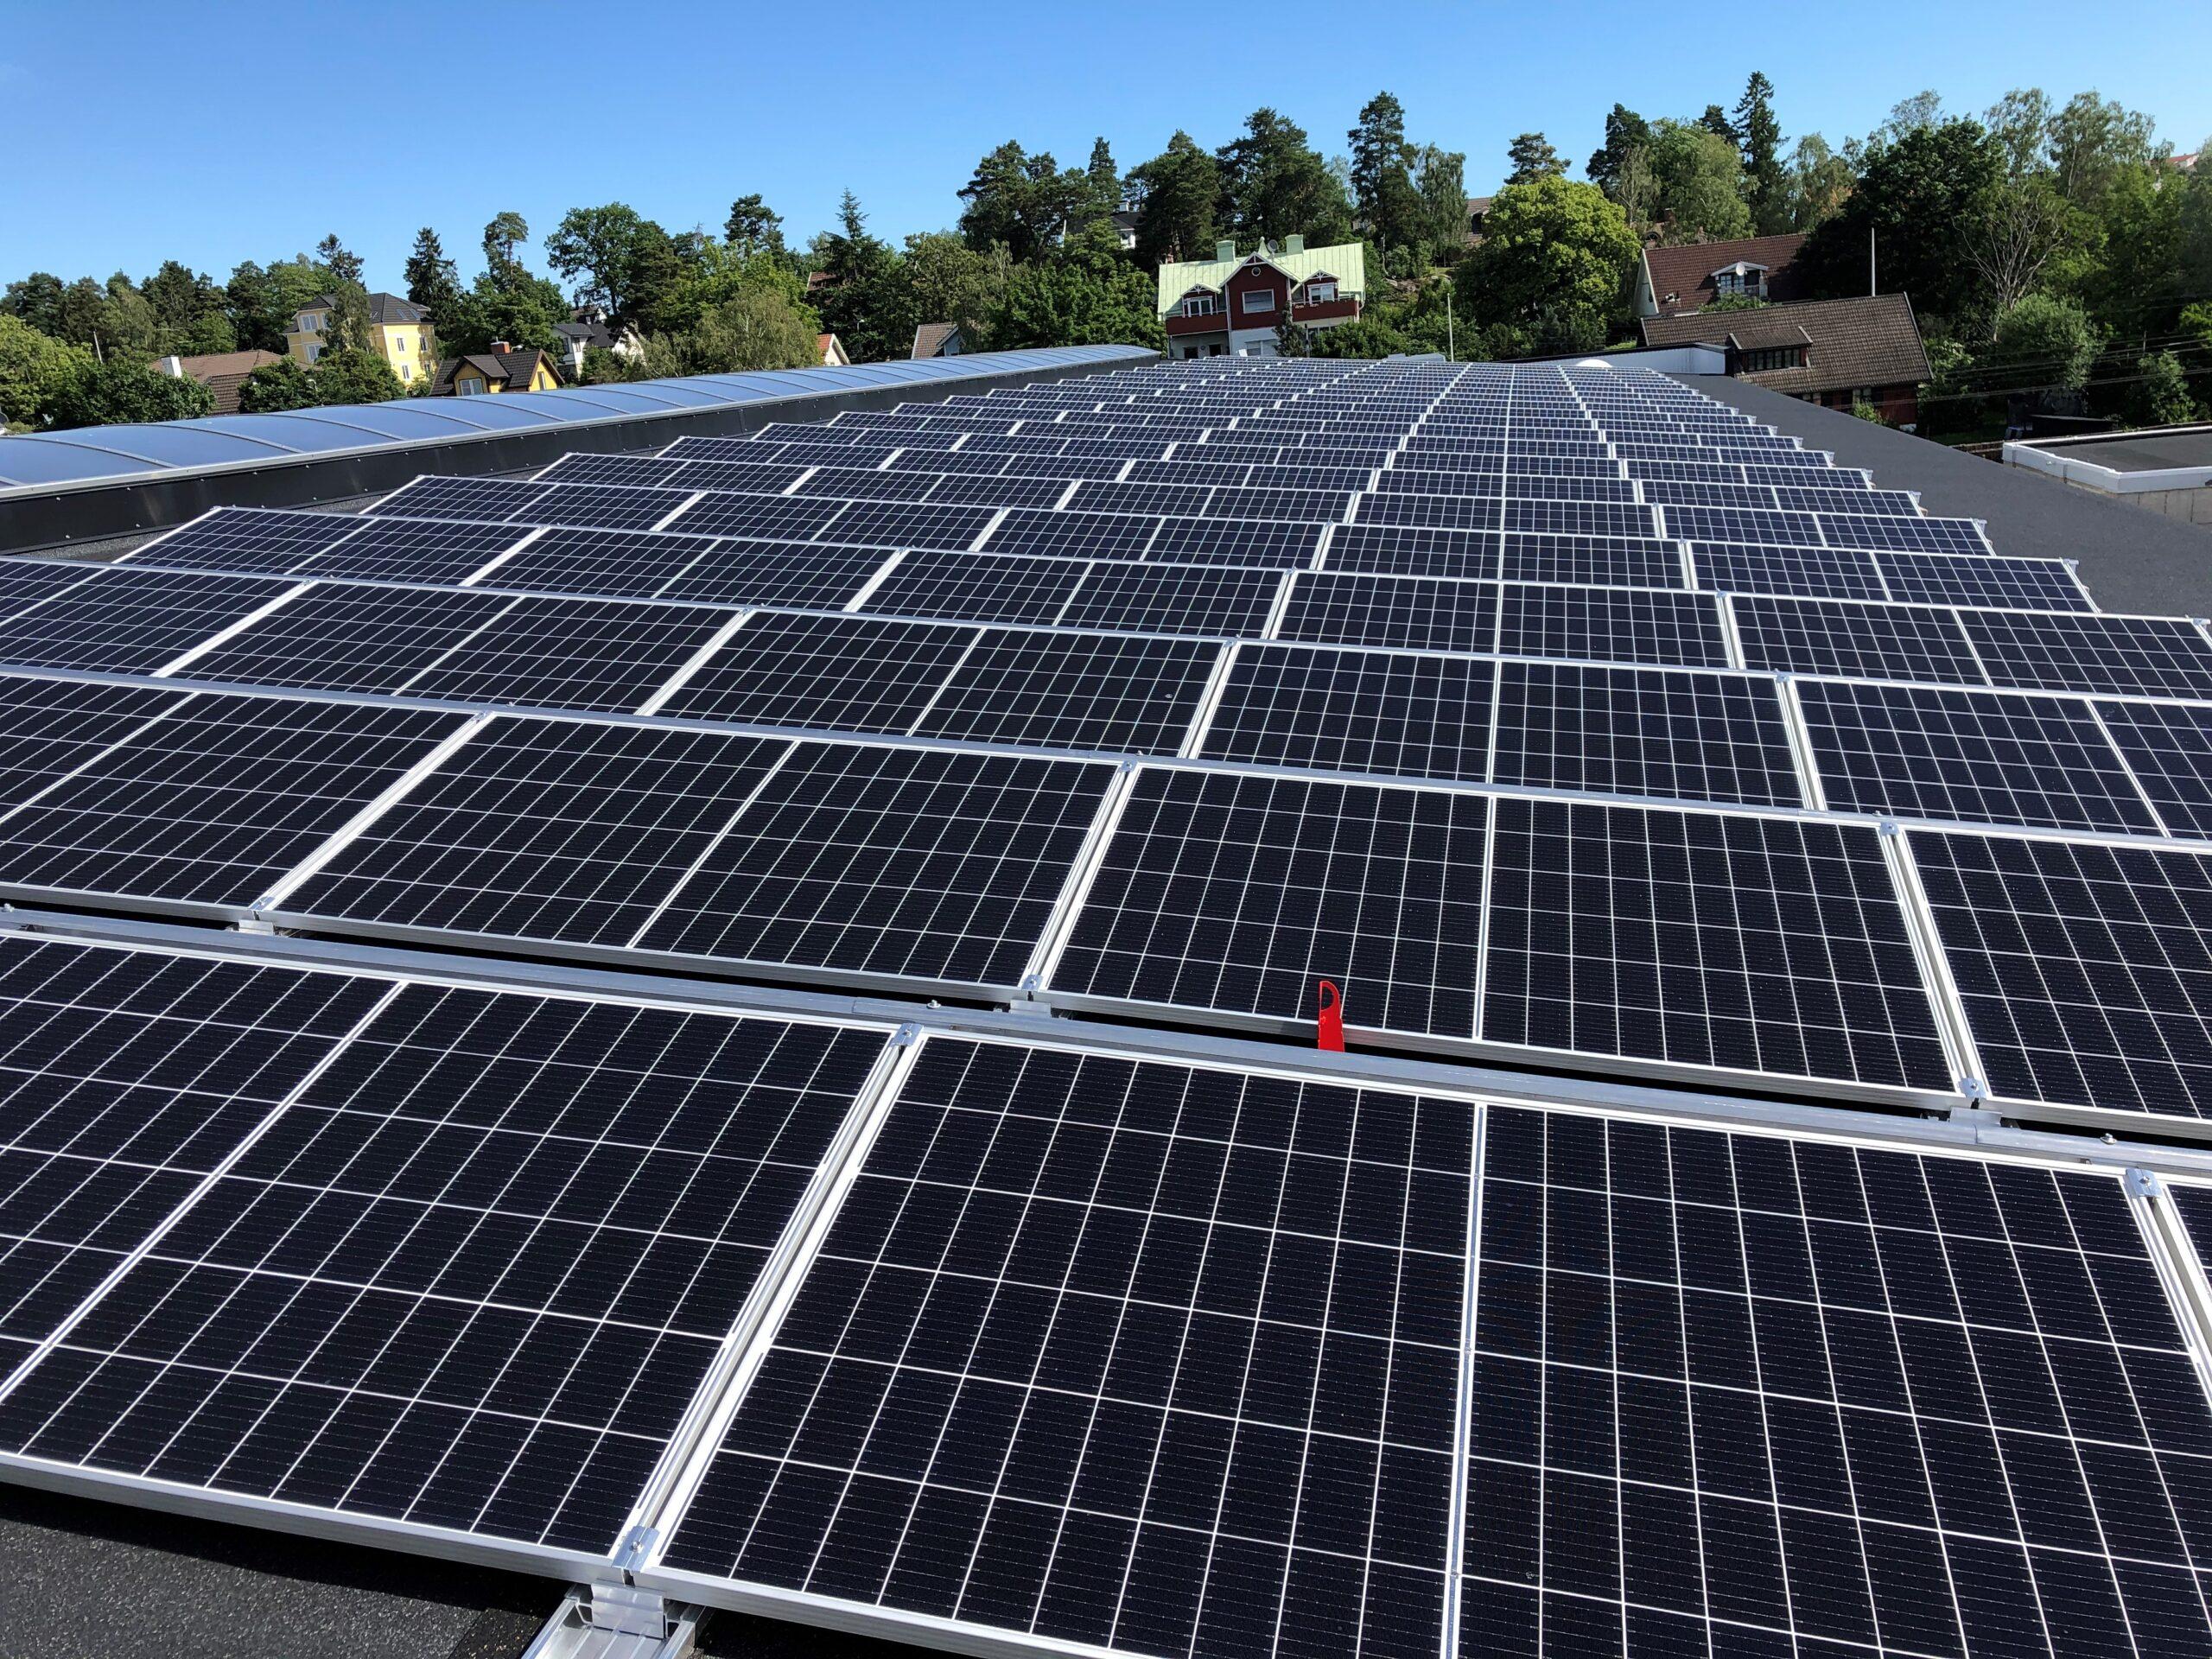 Bromma ståls solcellsanläggning